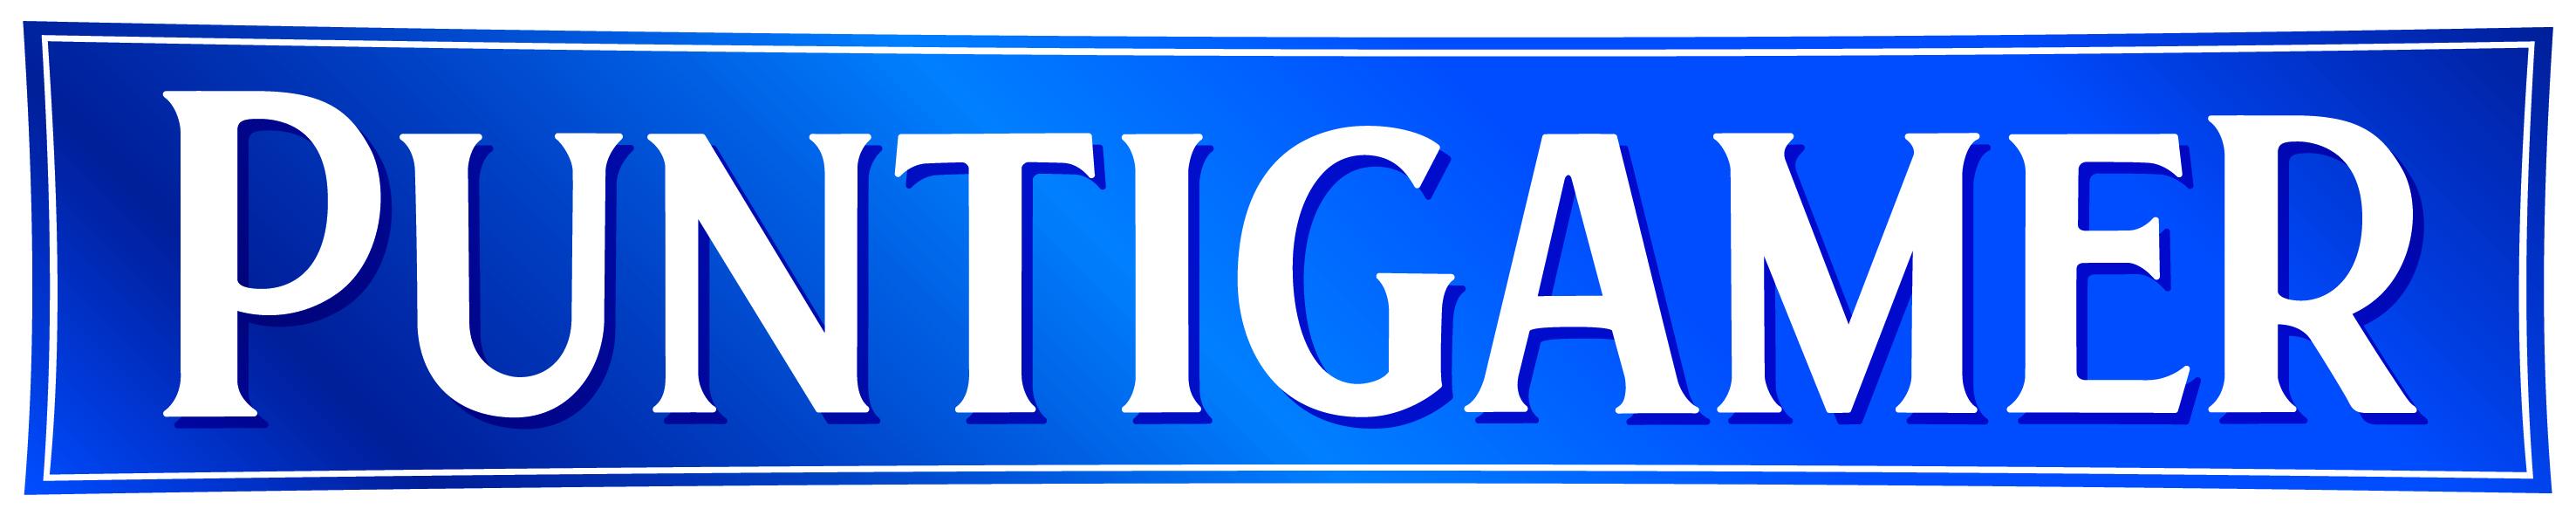 Bildergebnis für Puntigamer logo